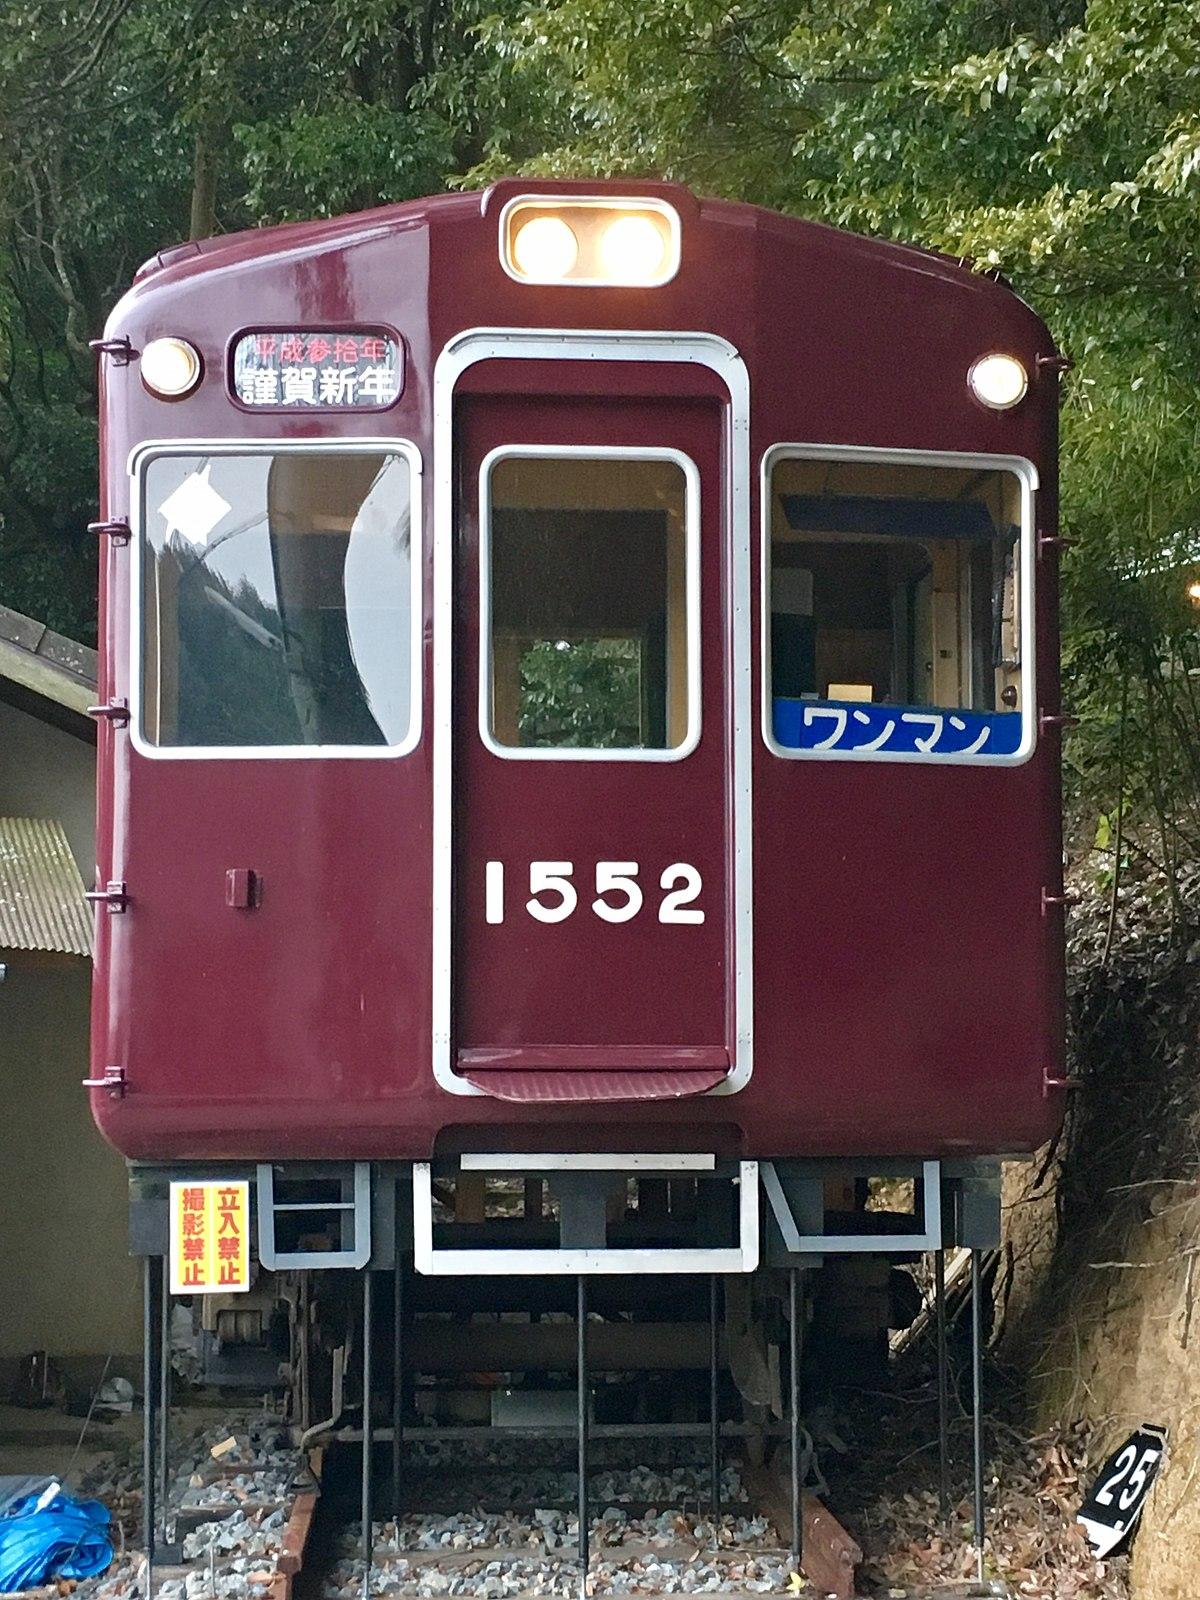 ファイル:吉川八幡神社1552点灯.jpg - Wikipedia